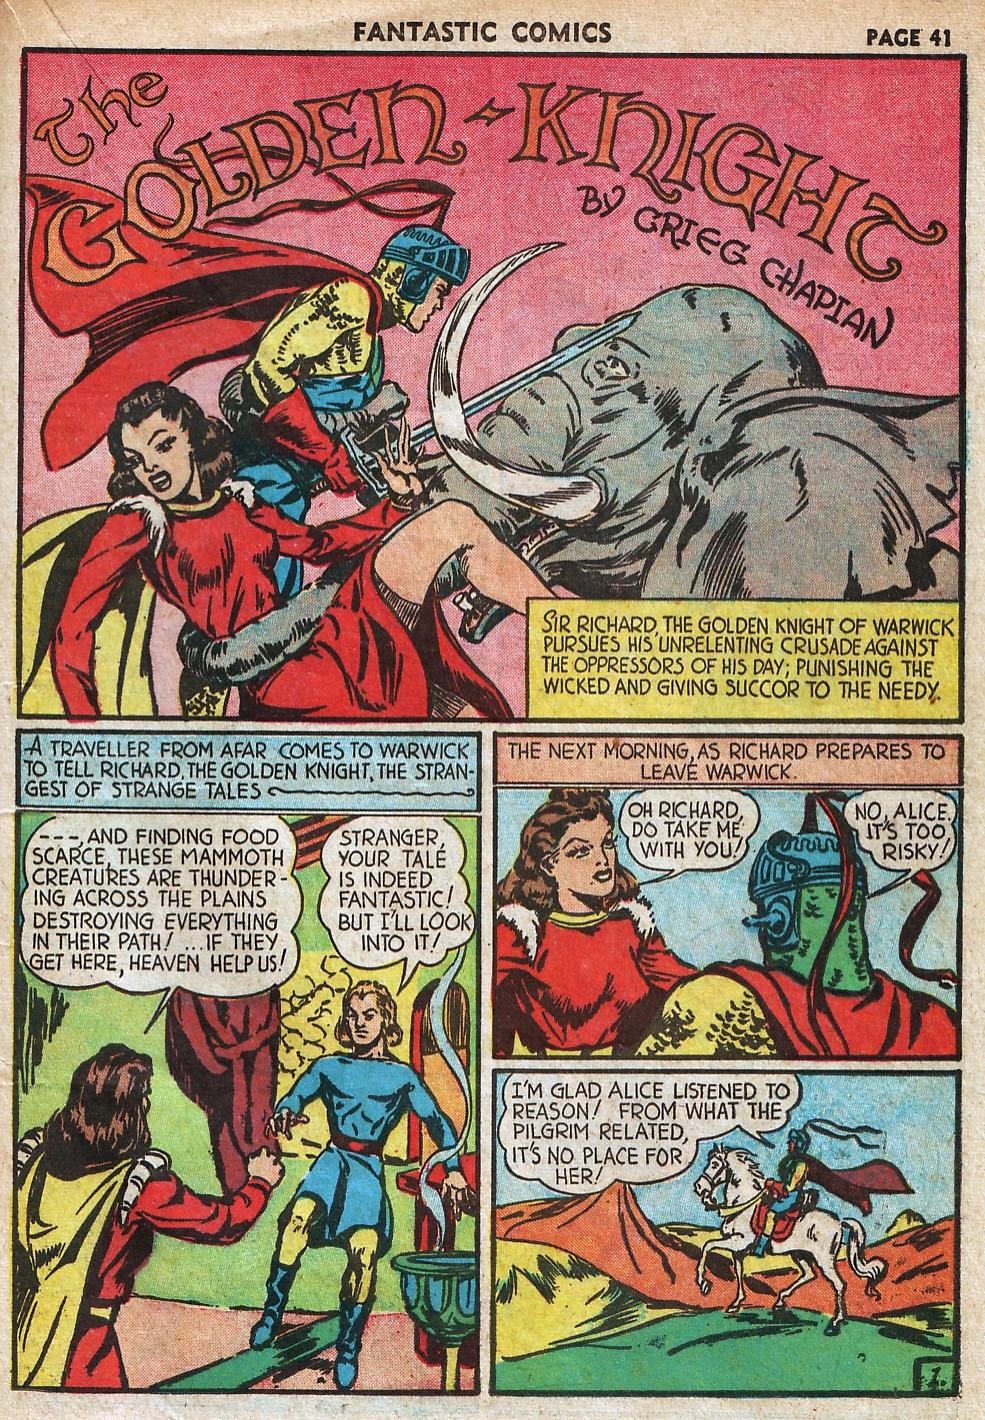 Read online Fantastic Comics comic -  Issue #18 - 43